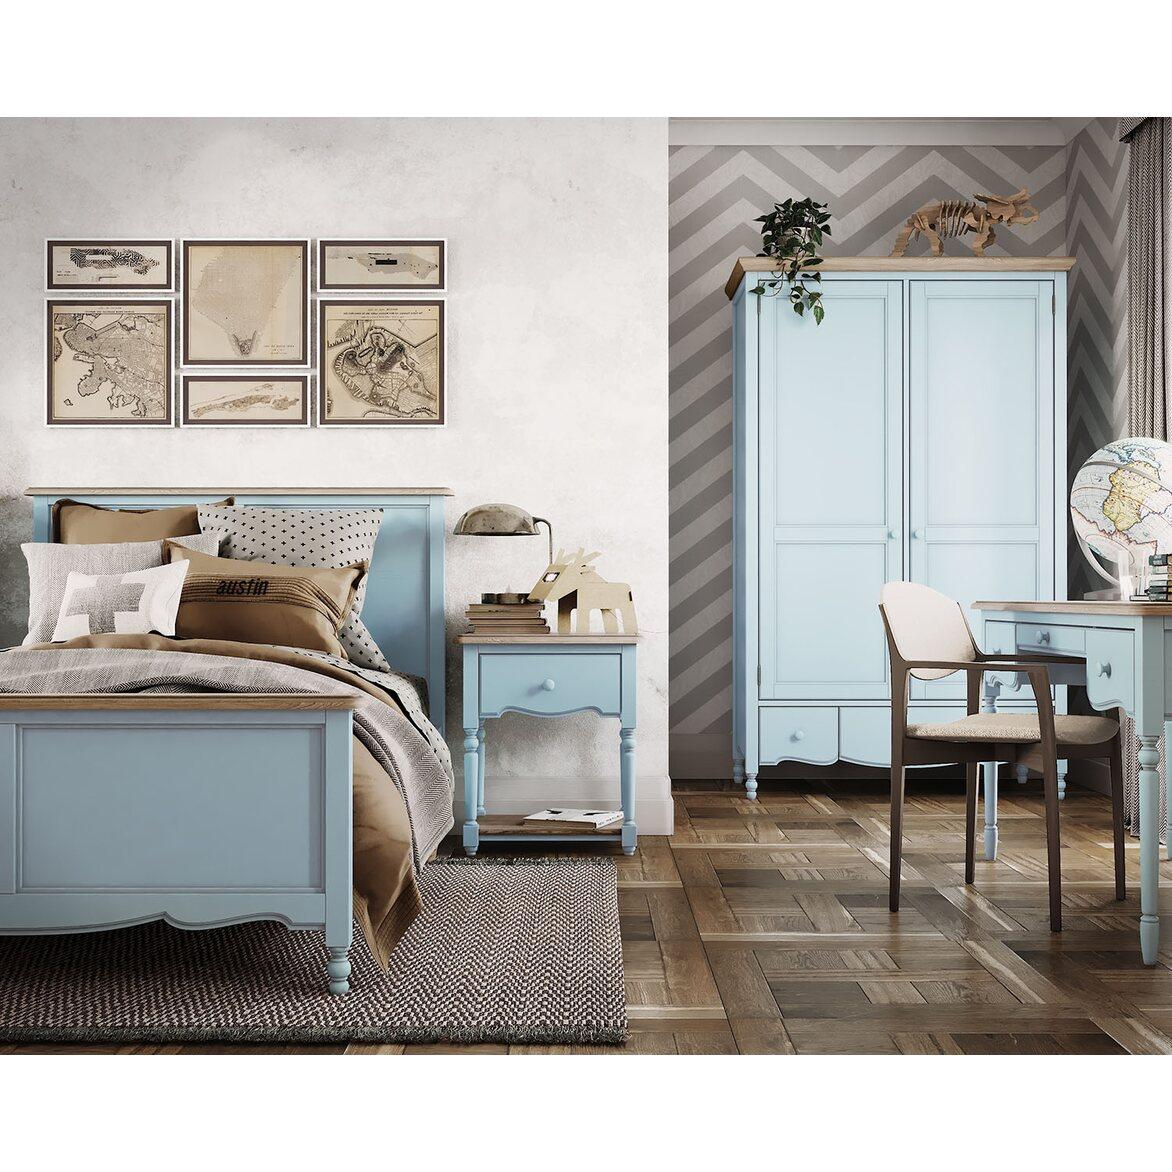 Кровать односпальная 120*200 Leblanc, голубая 4 | Односпальные кровати Kingsby